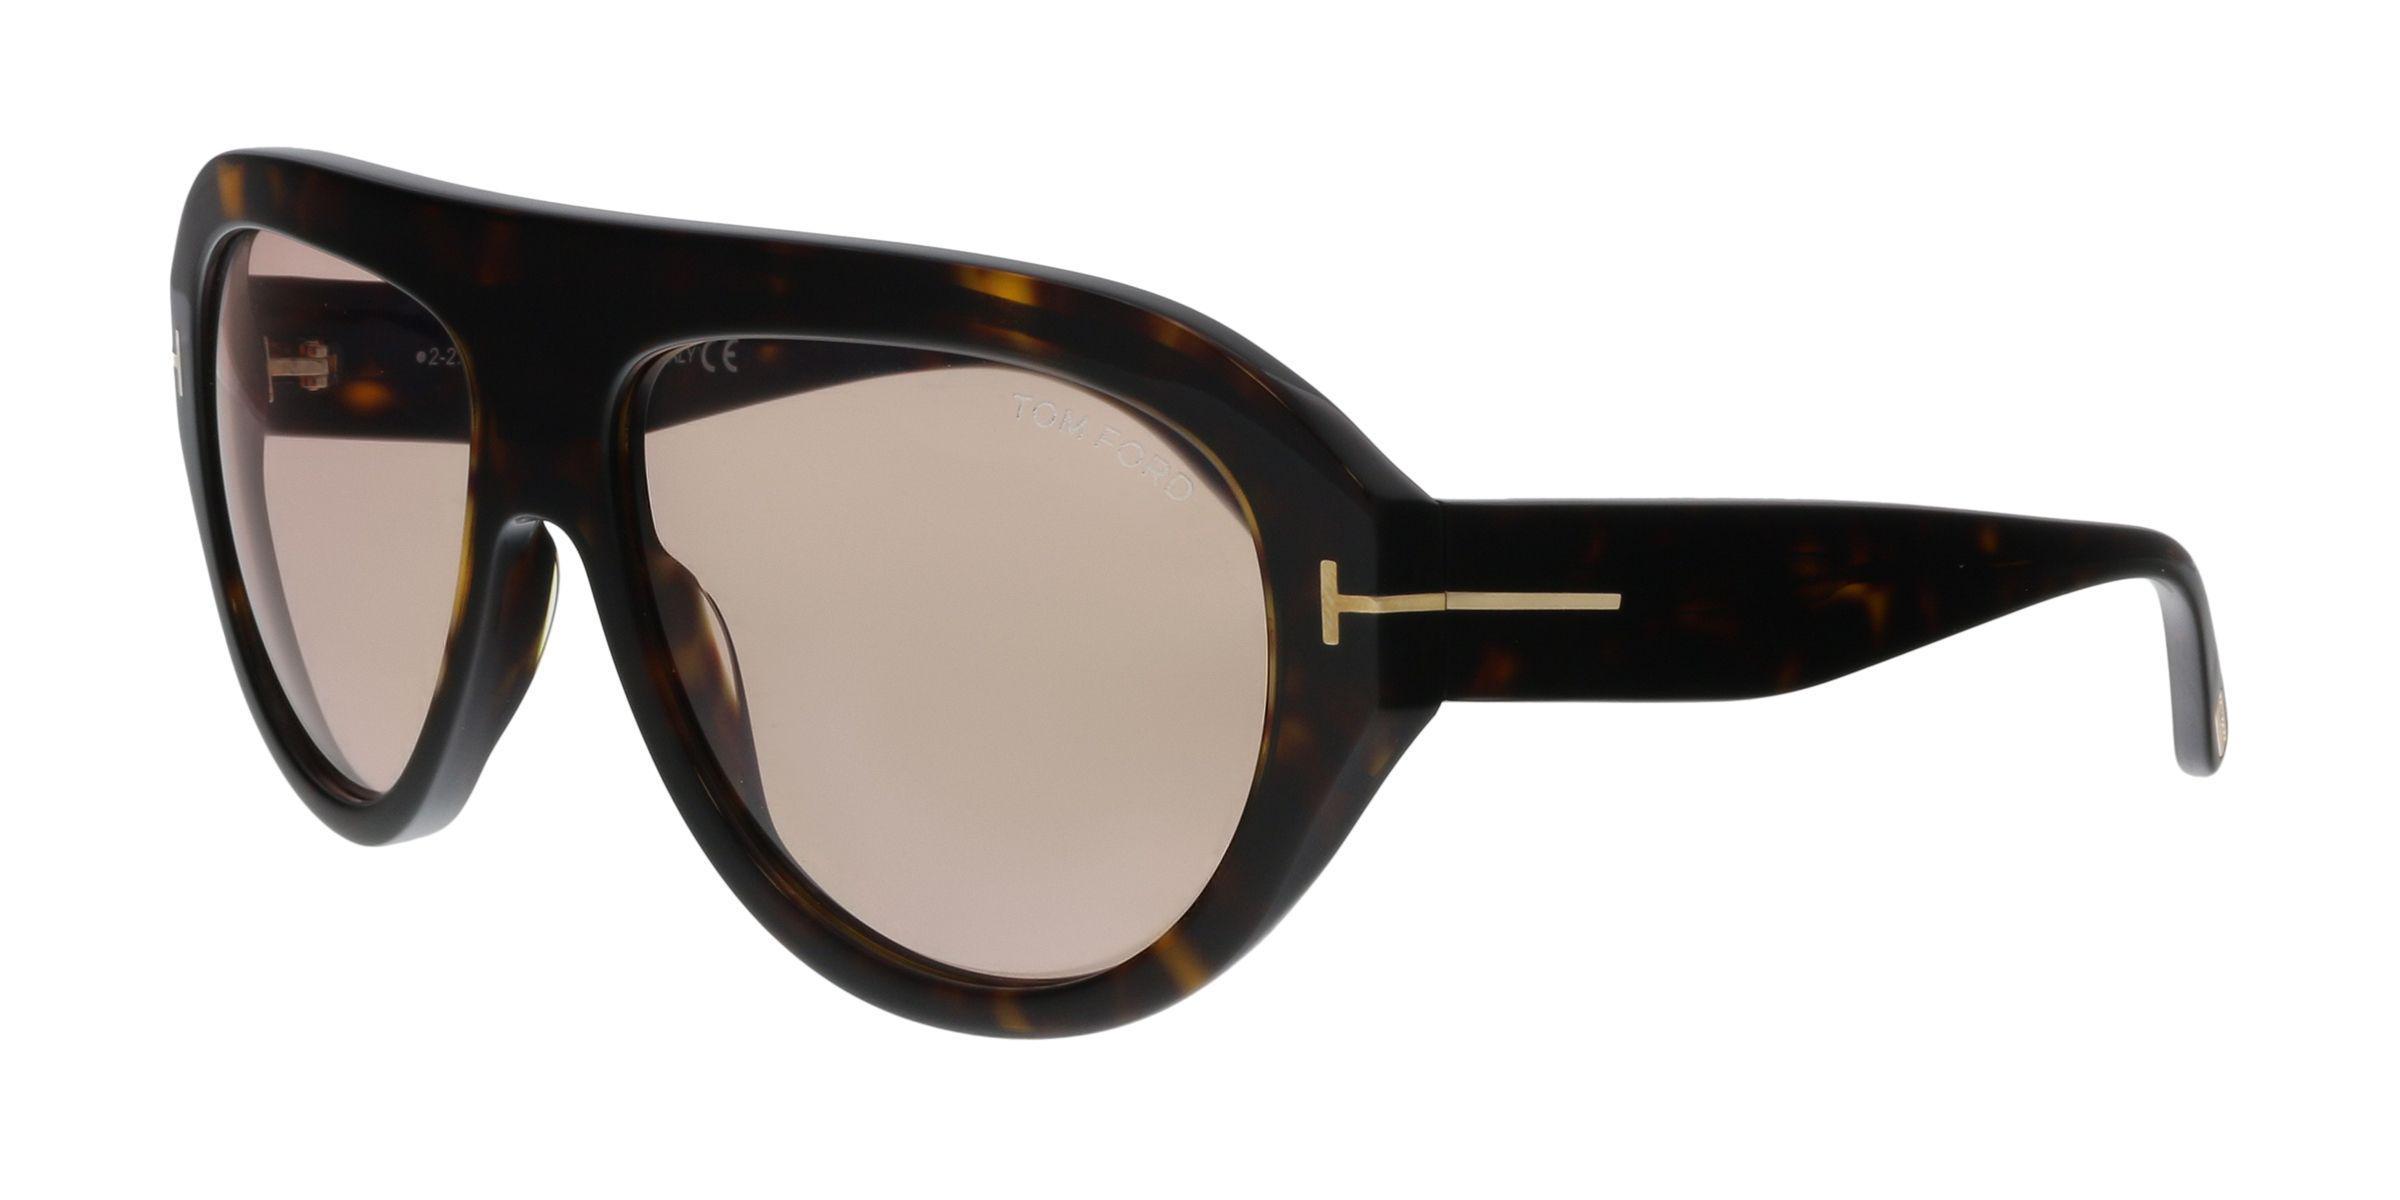 b888304e93 Lyst - Tom Ford Ft0589 52y Havana Aviator Sunglasses in Black for Men